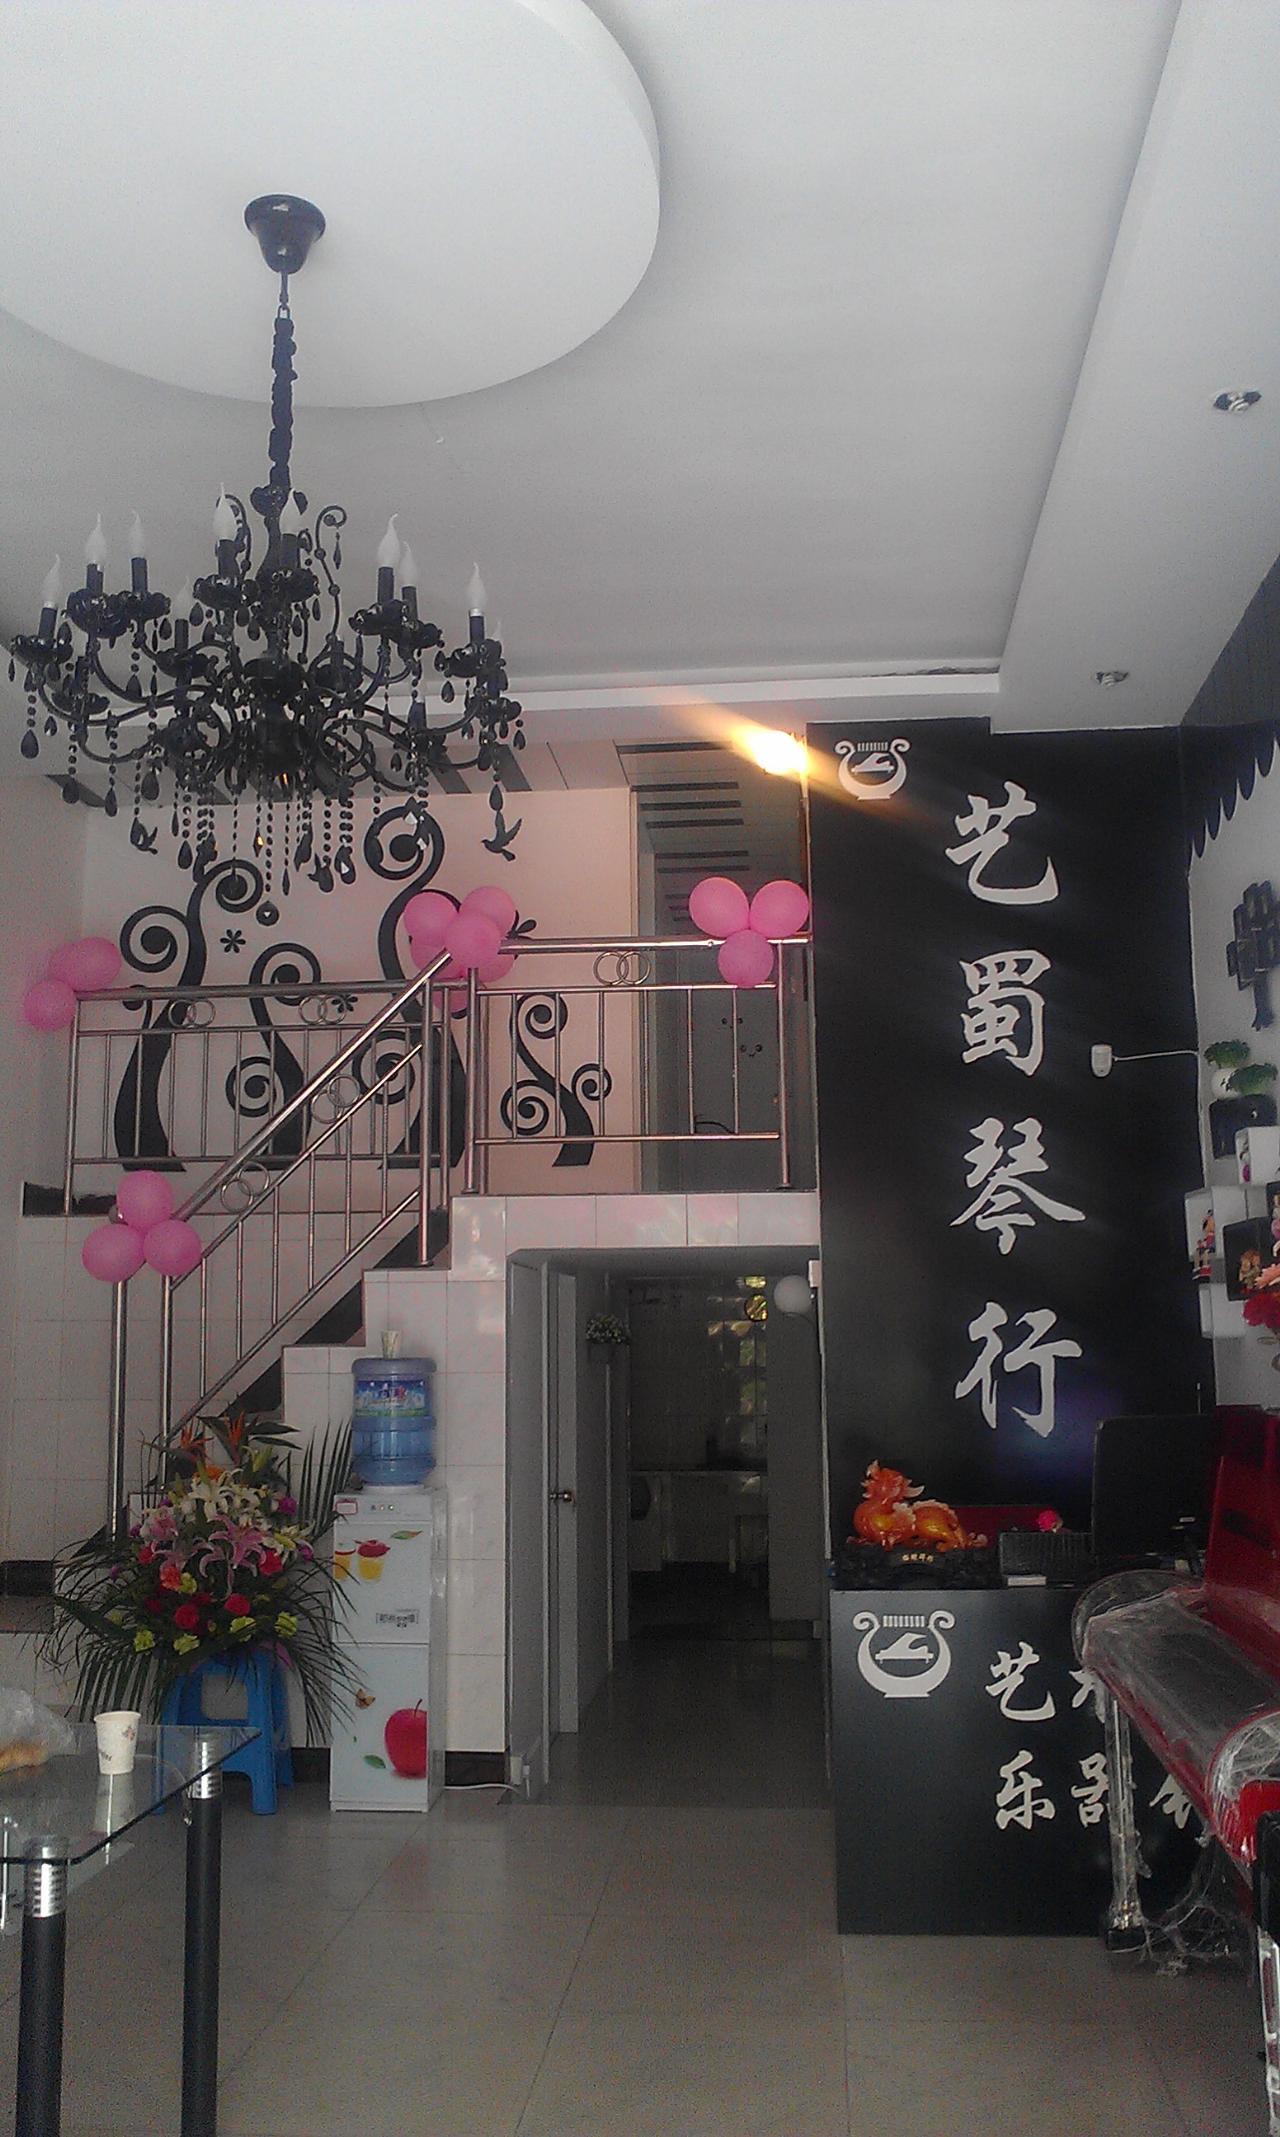 青花瓷葫芦丝伴奏 青花瓷简谱葫芦丝 葫芦丝c调曲谱 青花瓷